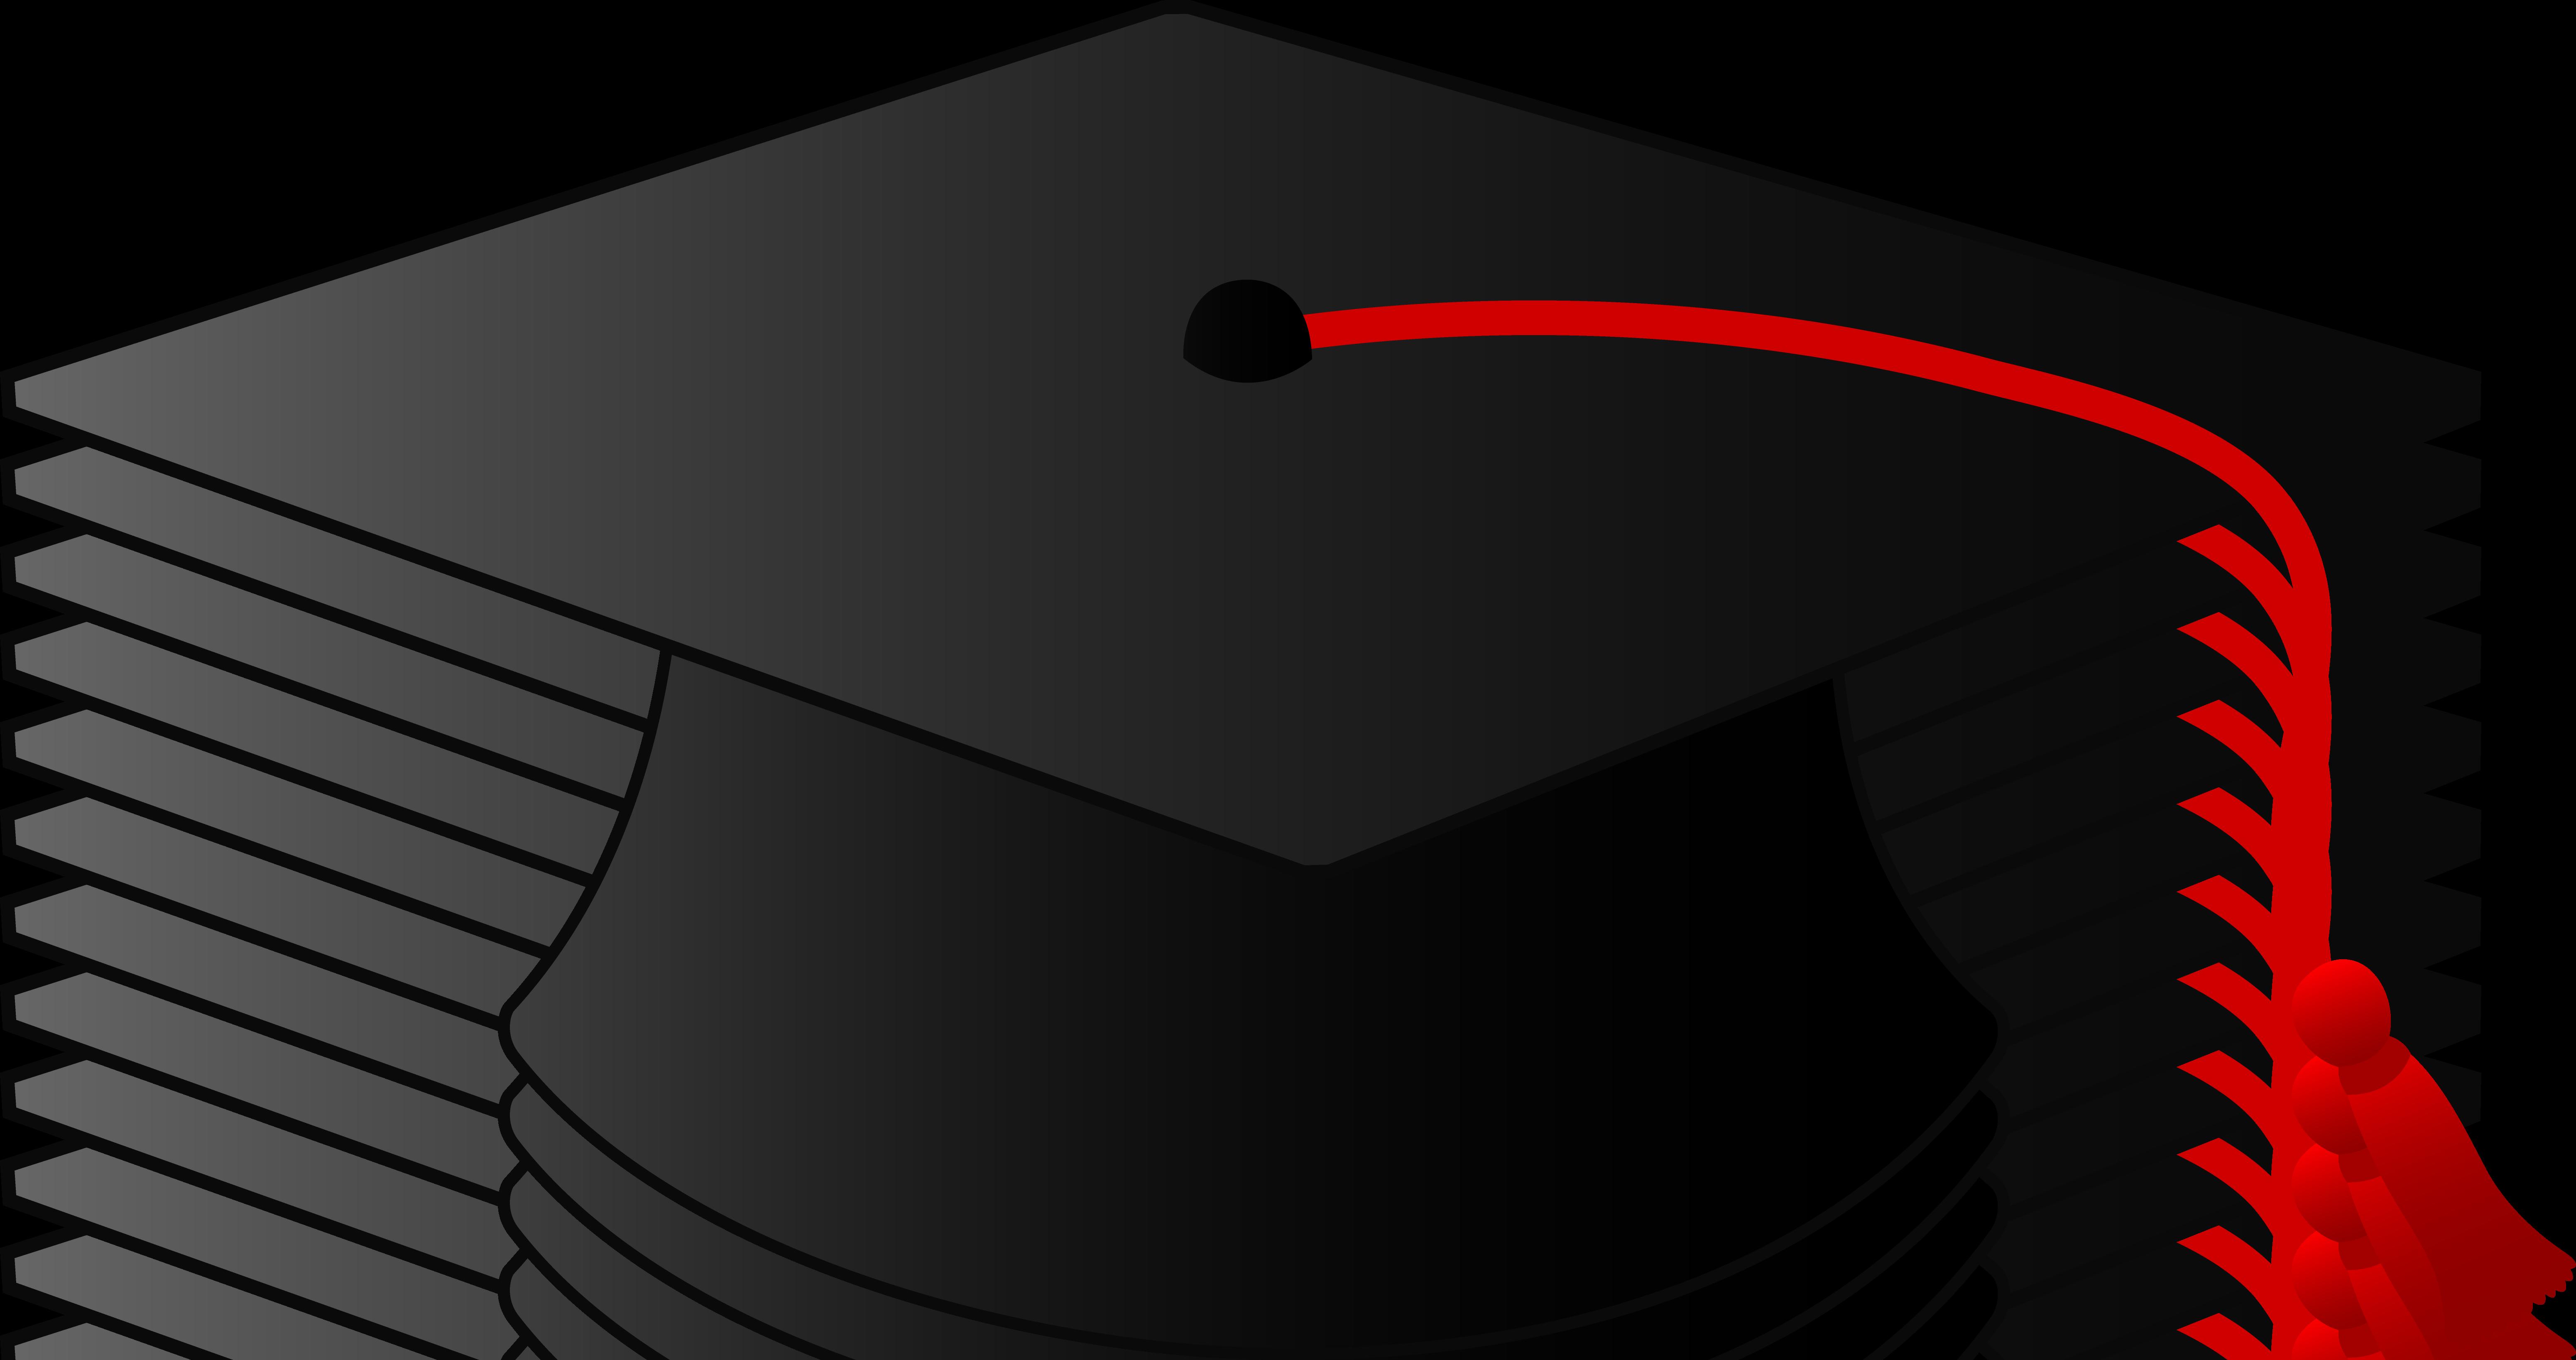 6204x3275 Diploma Clip Art Chadholtz